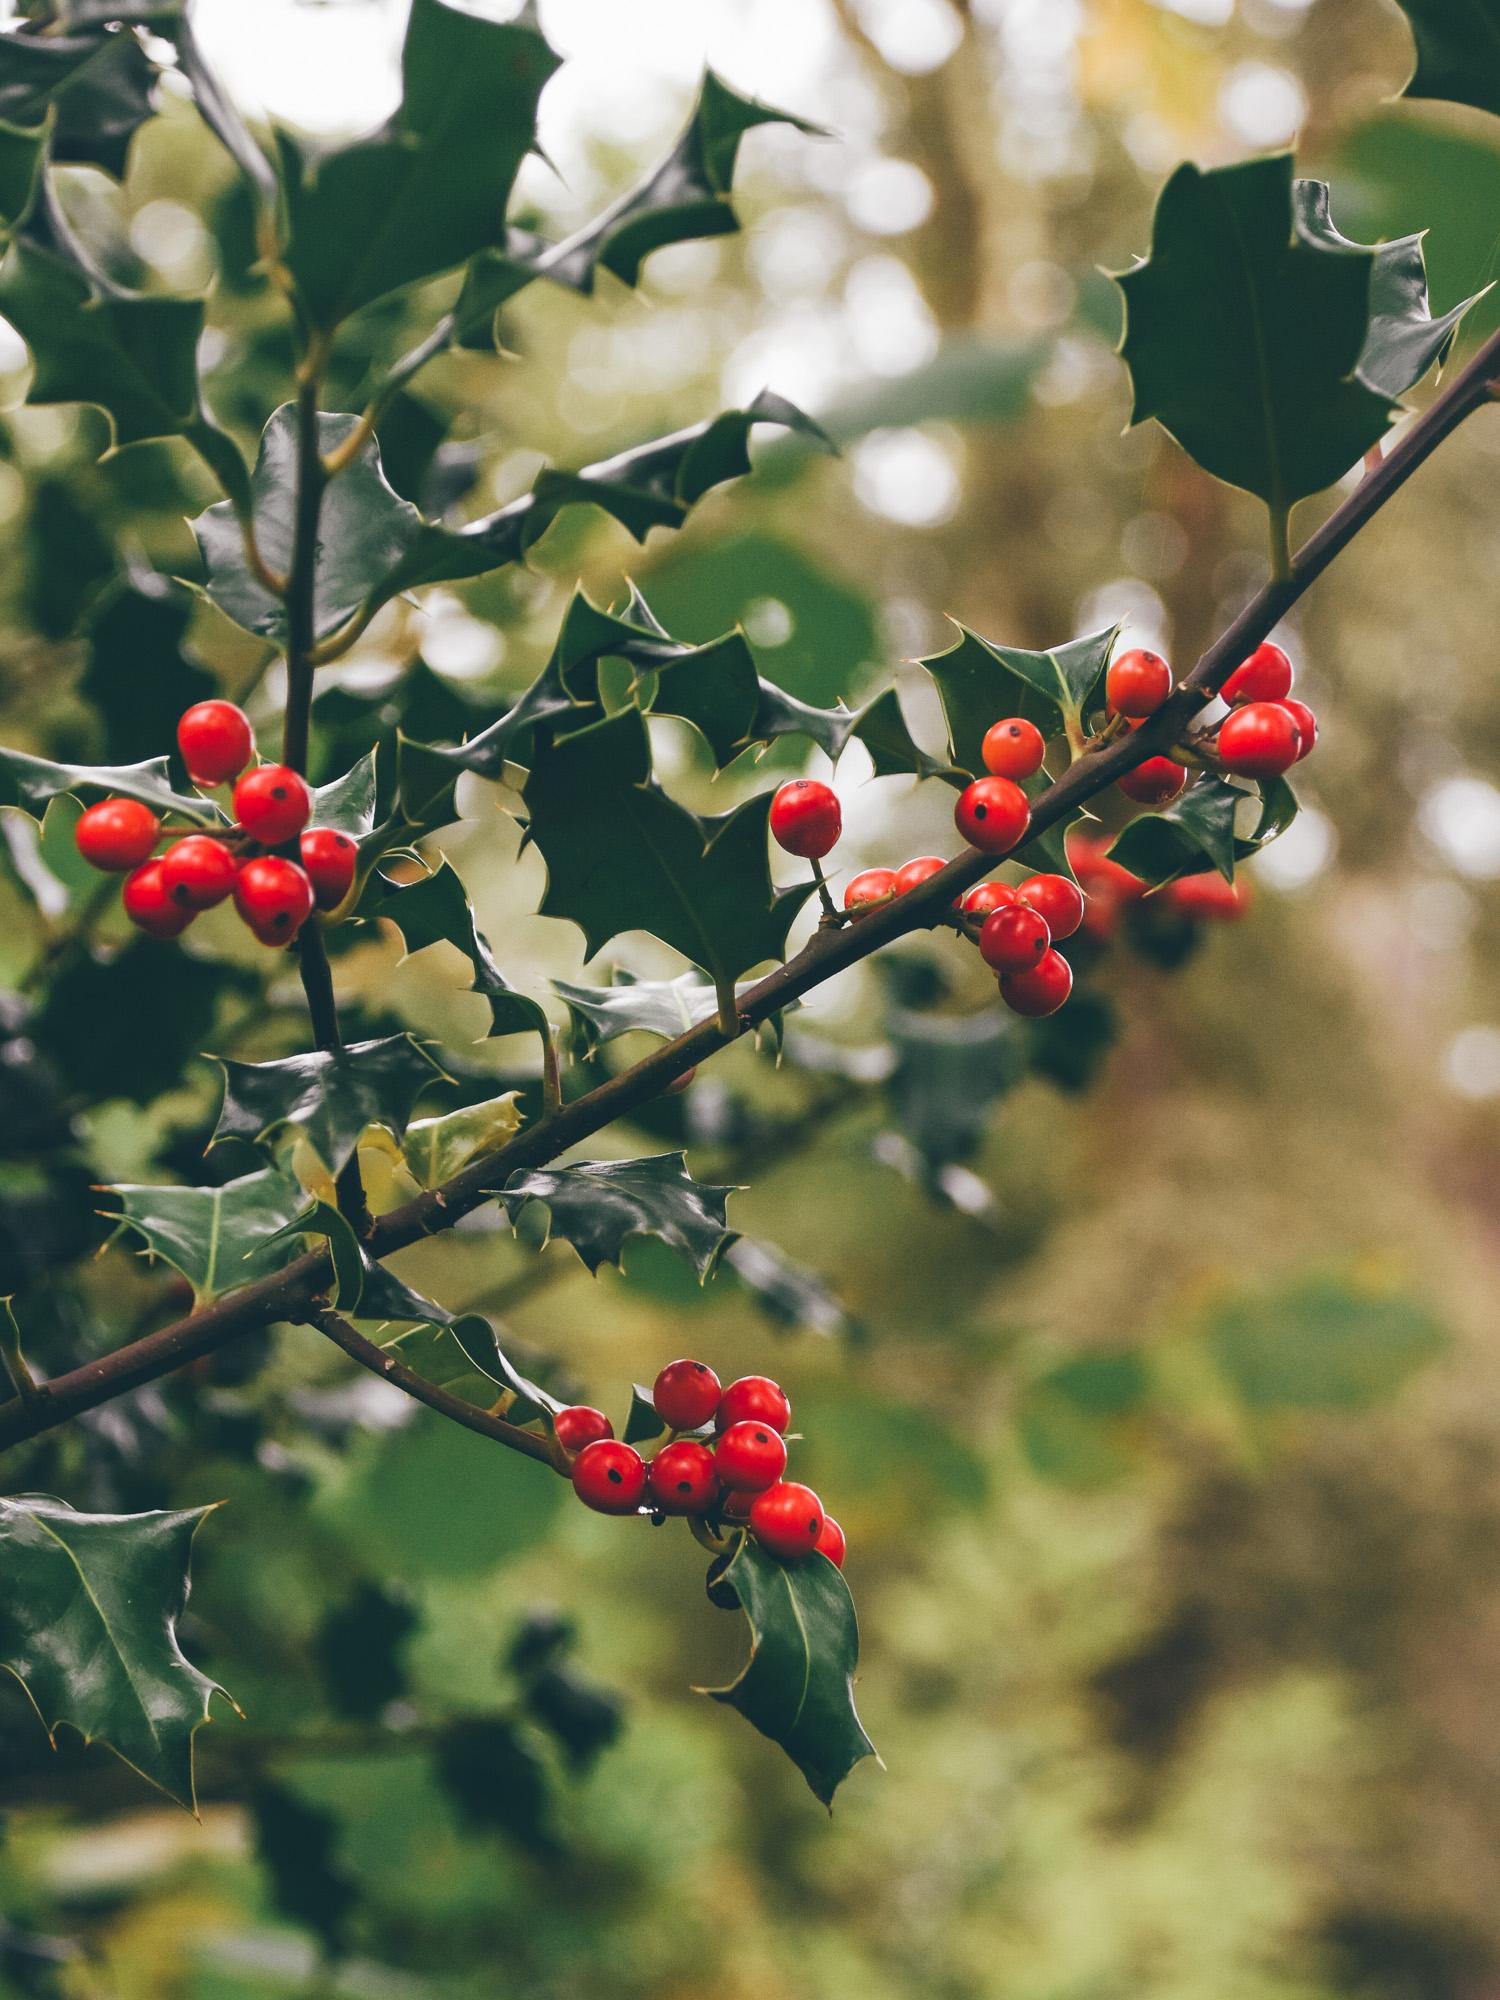 Leaf • Petites douceurs d'automne